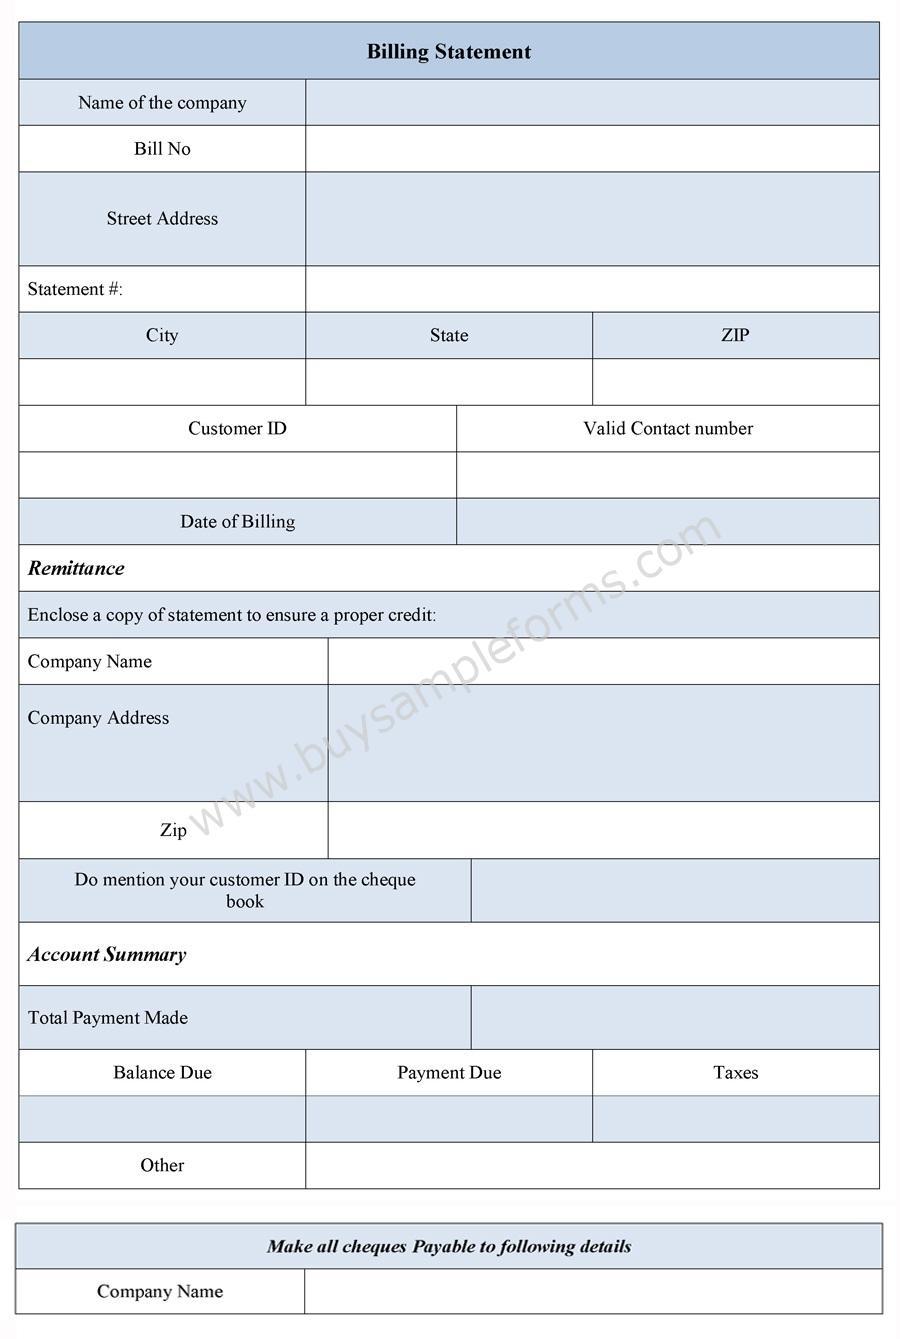 Sample Billing Statement Form